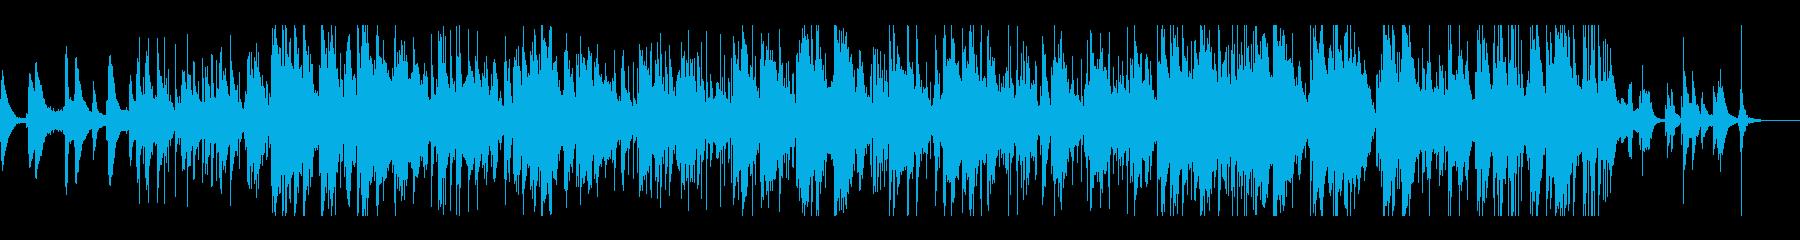 夜景の似合う落ち着いたジャズ系チルアウトの再生済みの波形